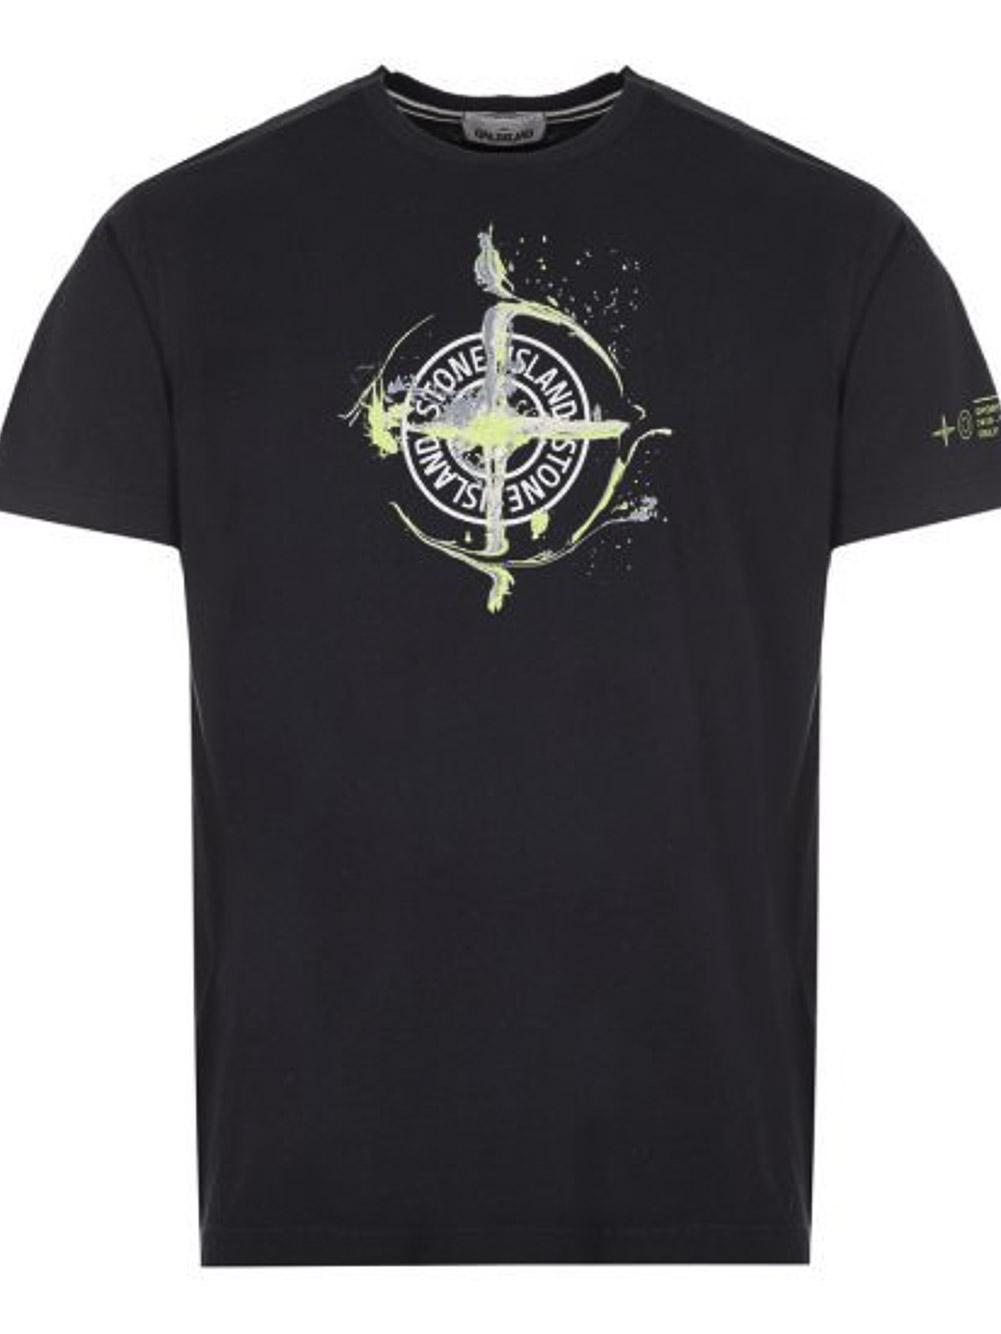 STONE ISLAND Μπλούζα T-Shirt MO74152NS83-V0020 ΜΑΥΡΟ